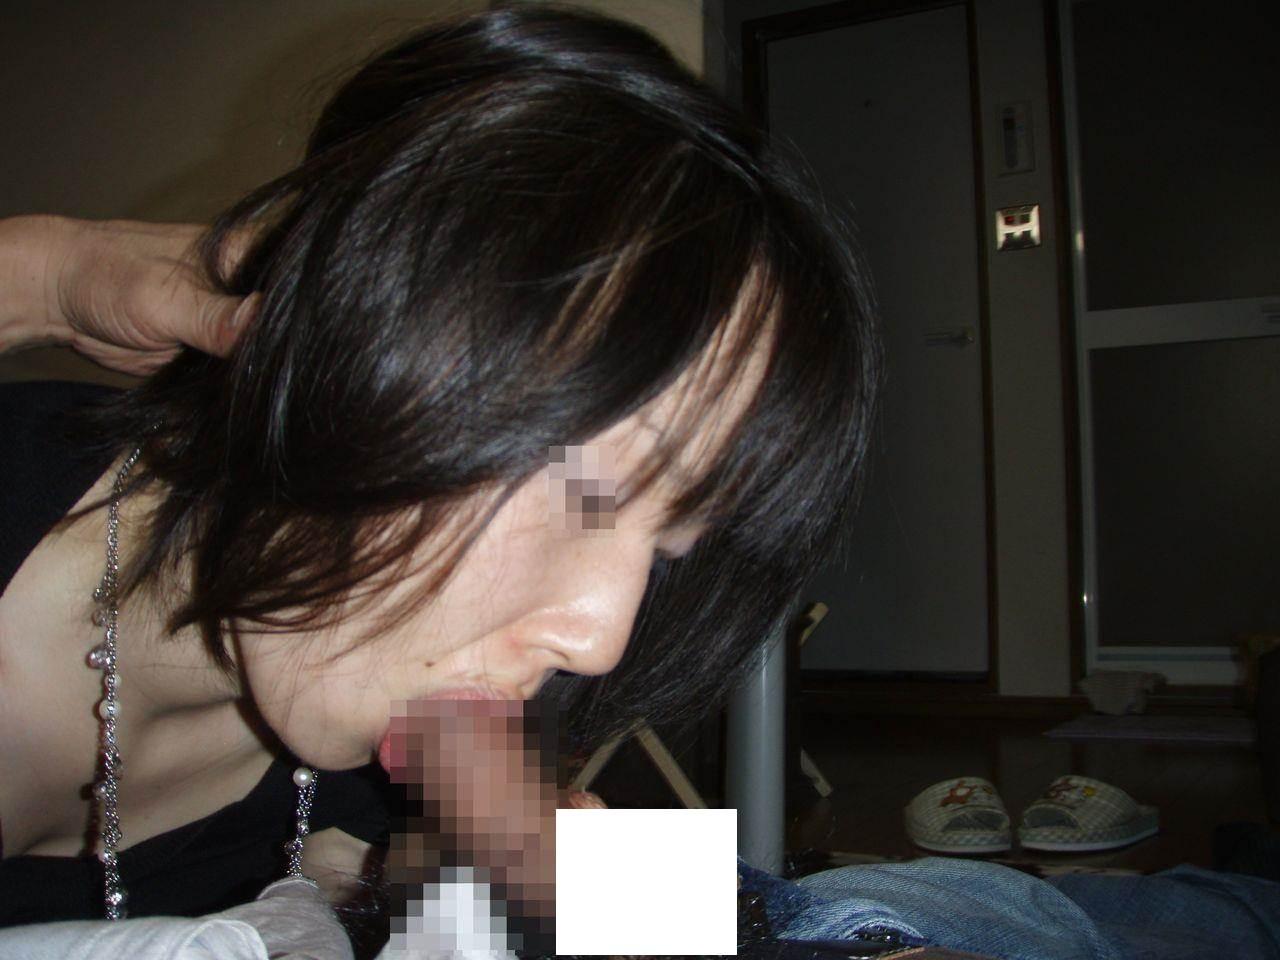 卓越した舌を使った人妻のねっとりフェラ画像 2427